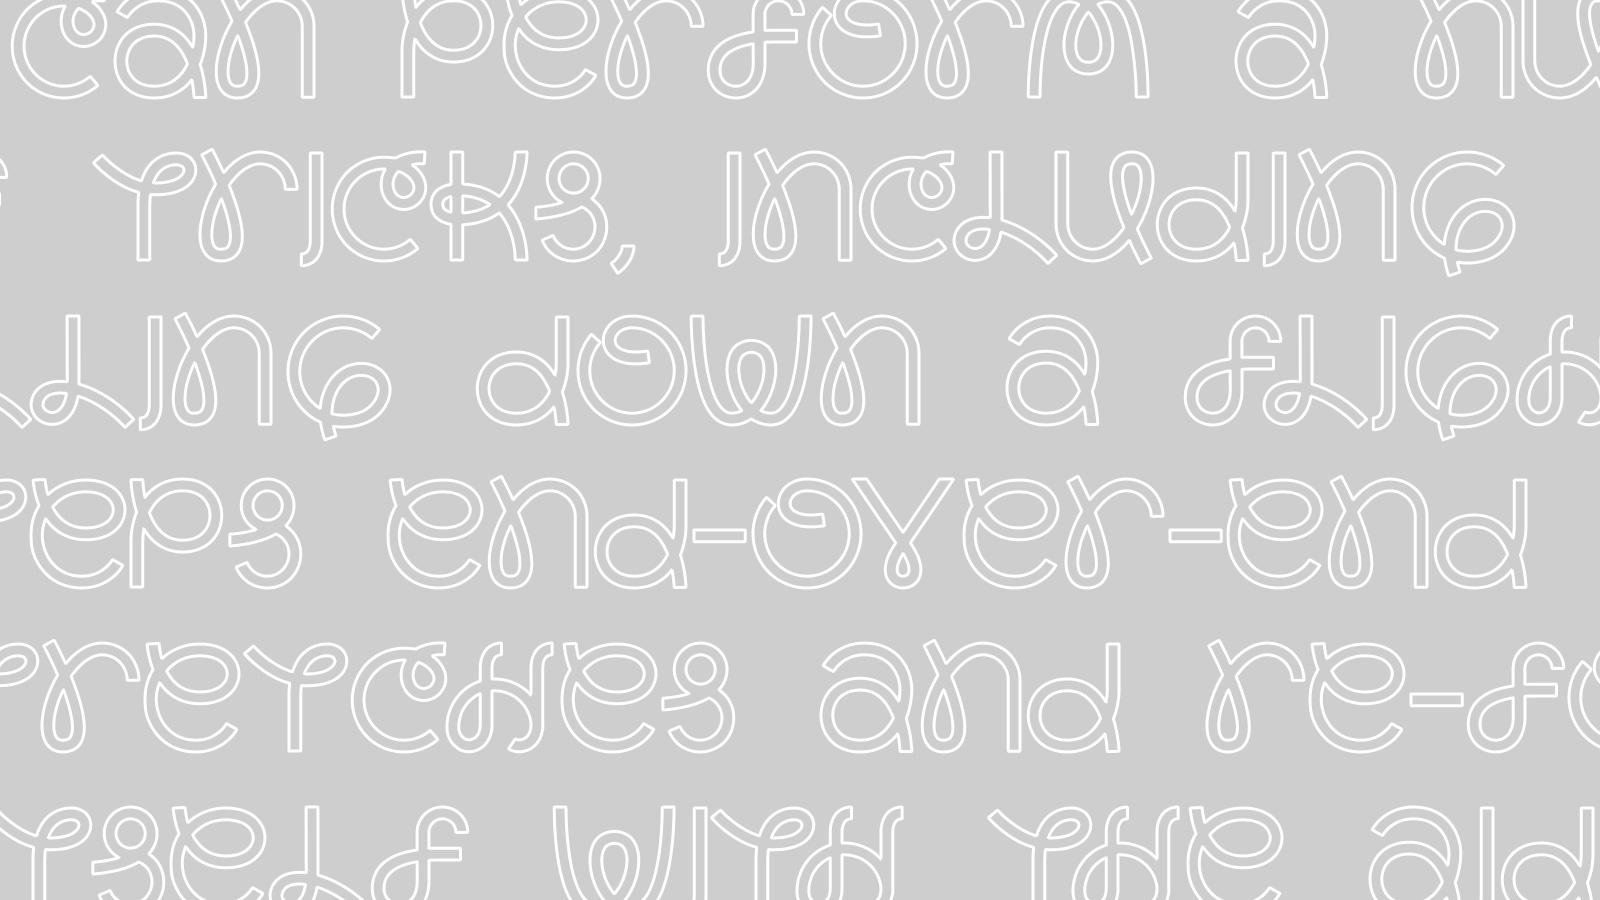 Slinkee Typeface